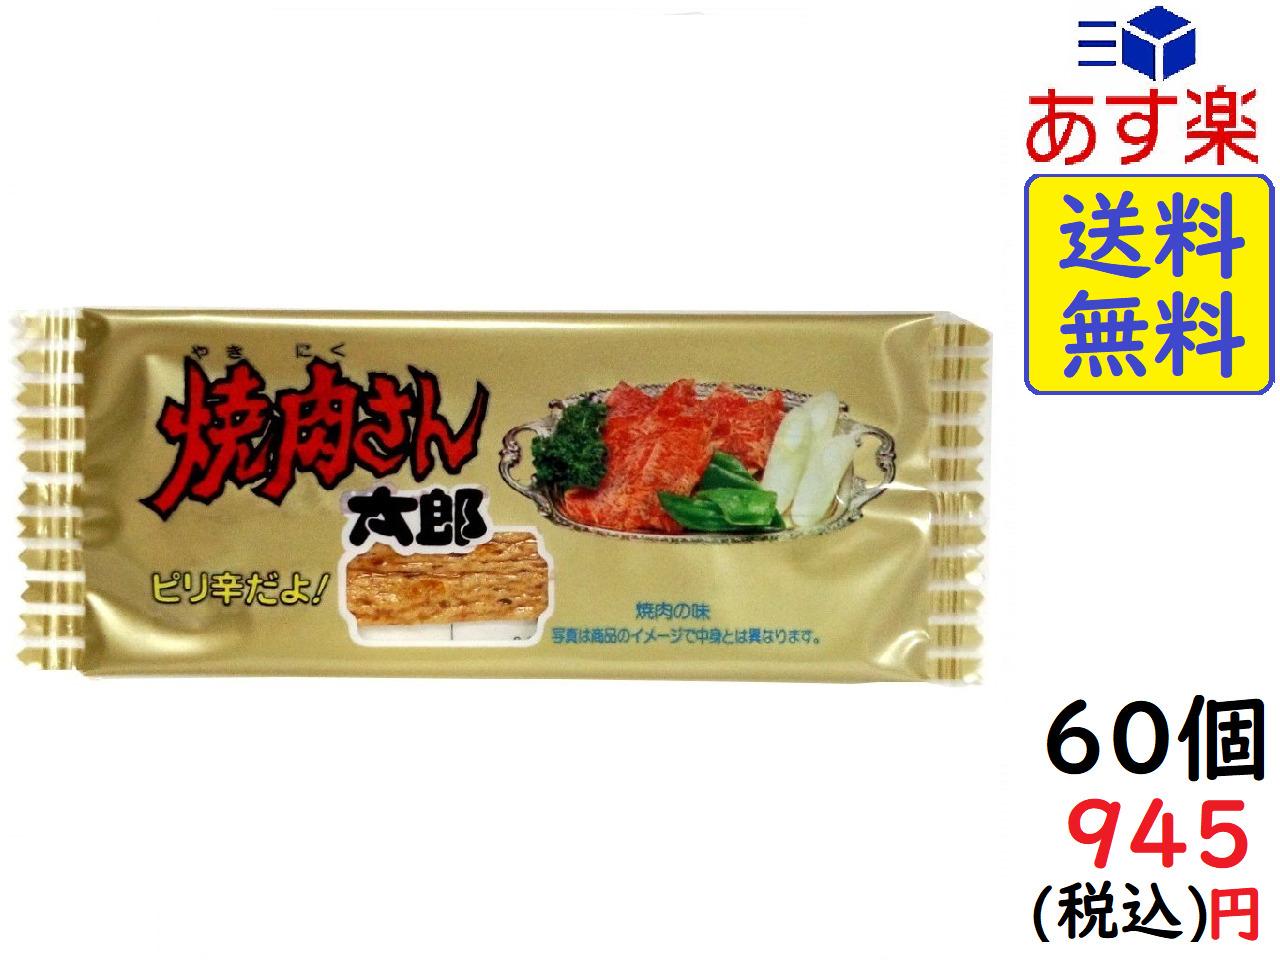 送料無料 お得 あす楽対応 送料込 ポスト投函 菓道 焼肉さん太郎 10 賞味期限2021 ×60袋 13